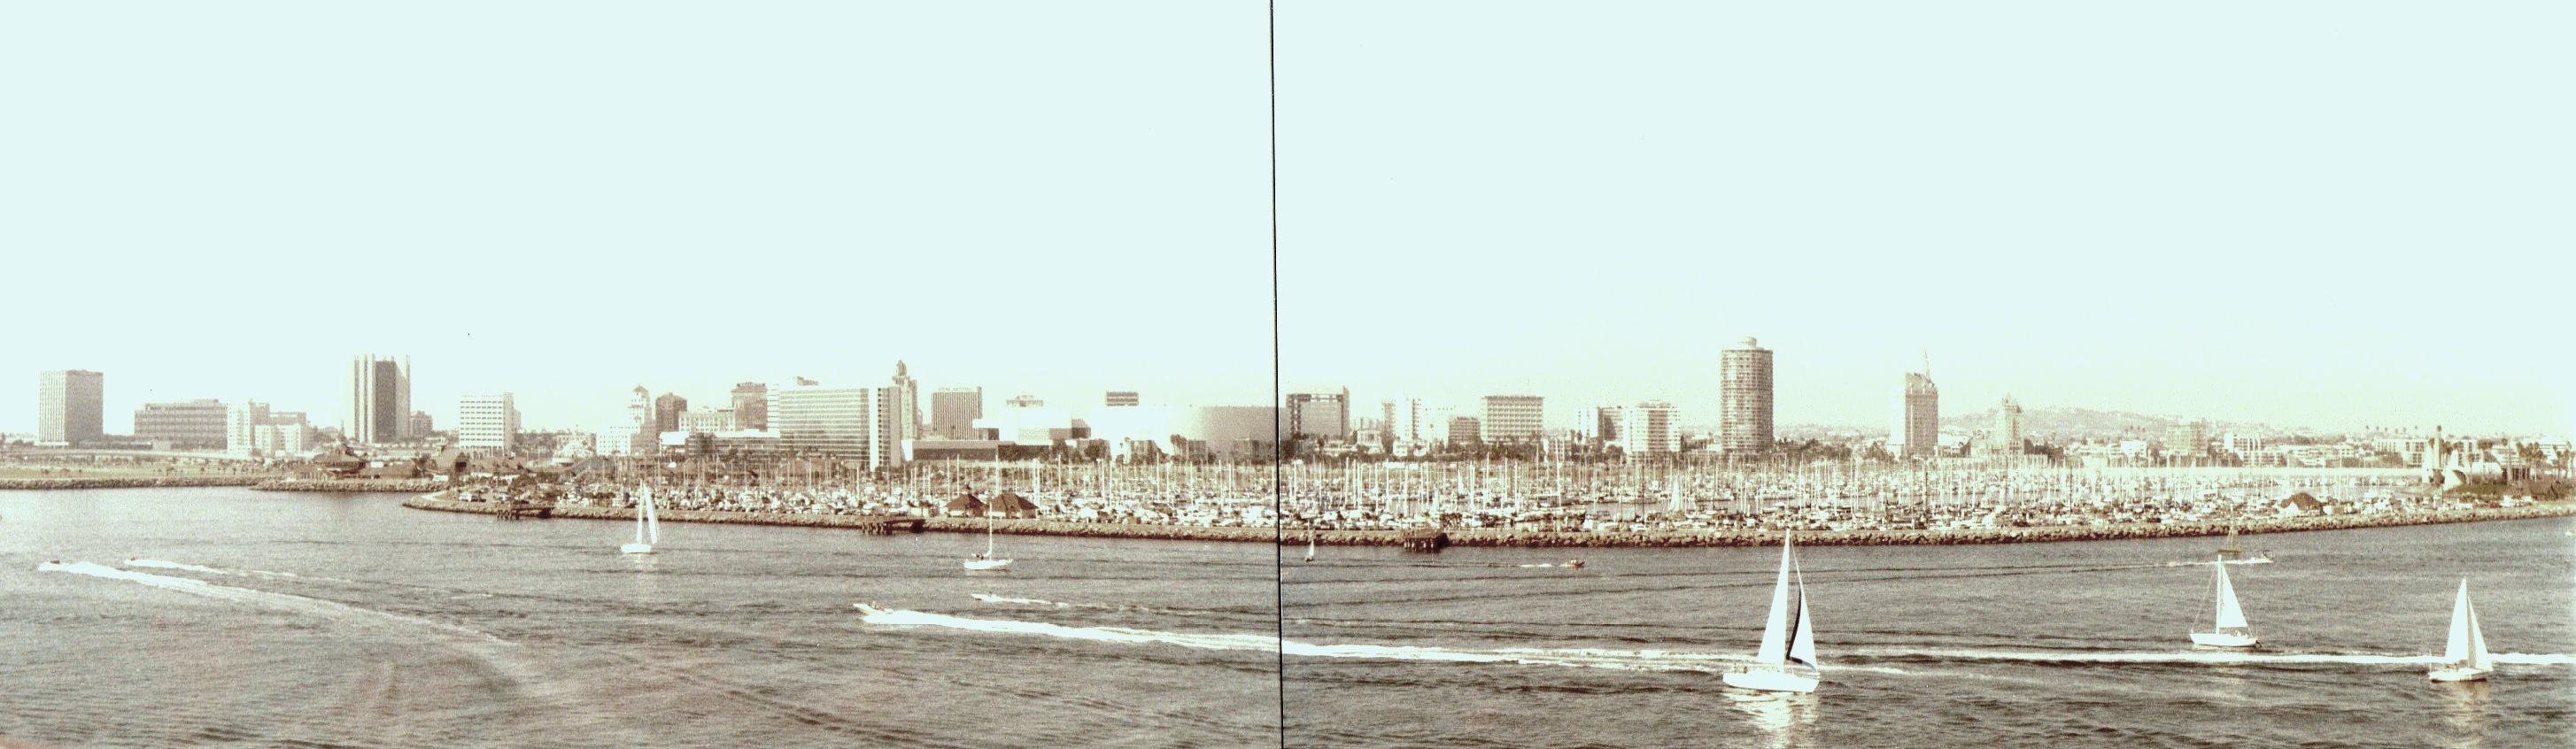 ロングビーチ・クイーンメリー号④  560